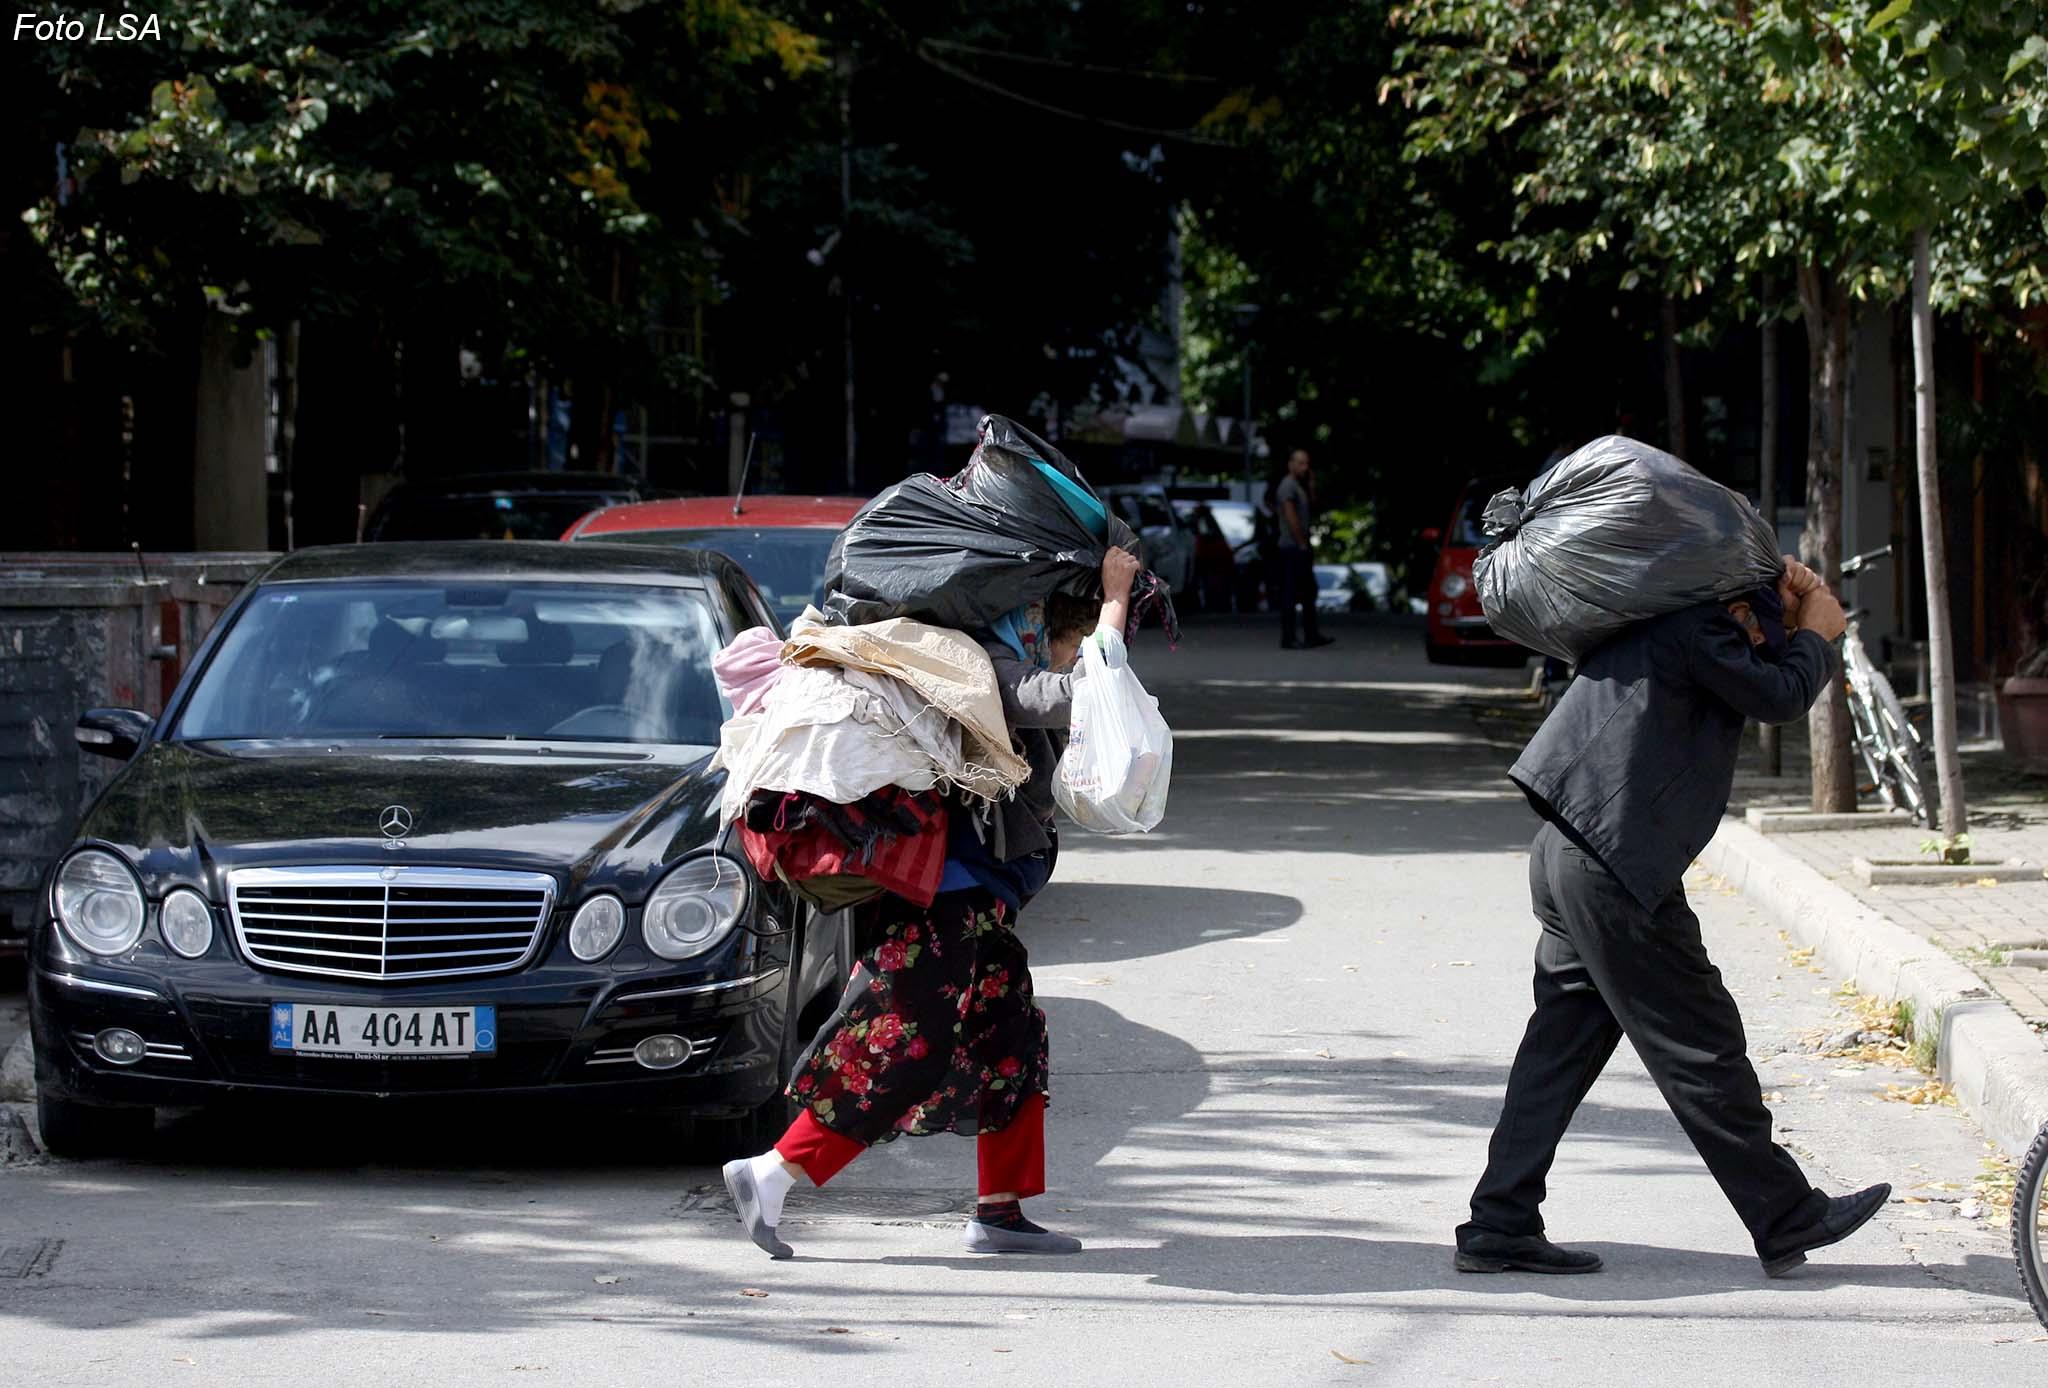 Nje cift te moshuarish, duke mbajtur ne krahe qese plastike te mbushura me rroba, prane rruges se Elbasanit./r/n/r/nA couple of elderly, by carrying the plastic bag filled with clothes, near Elbasan road.